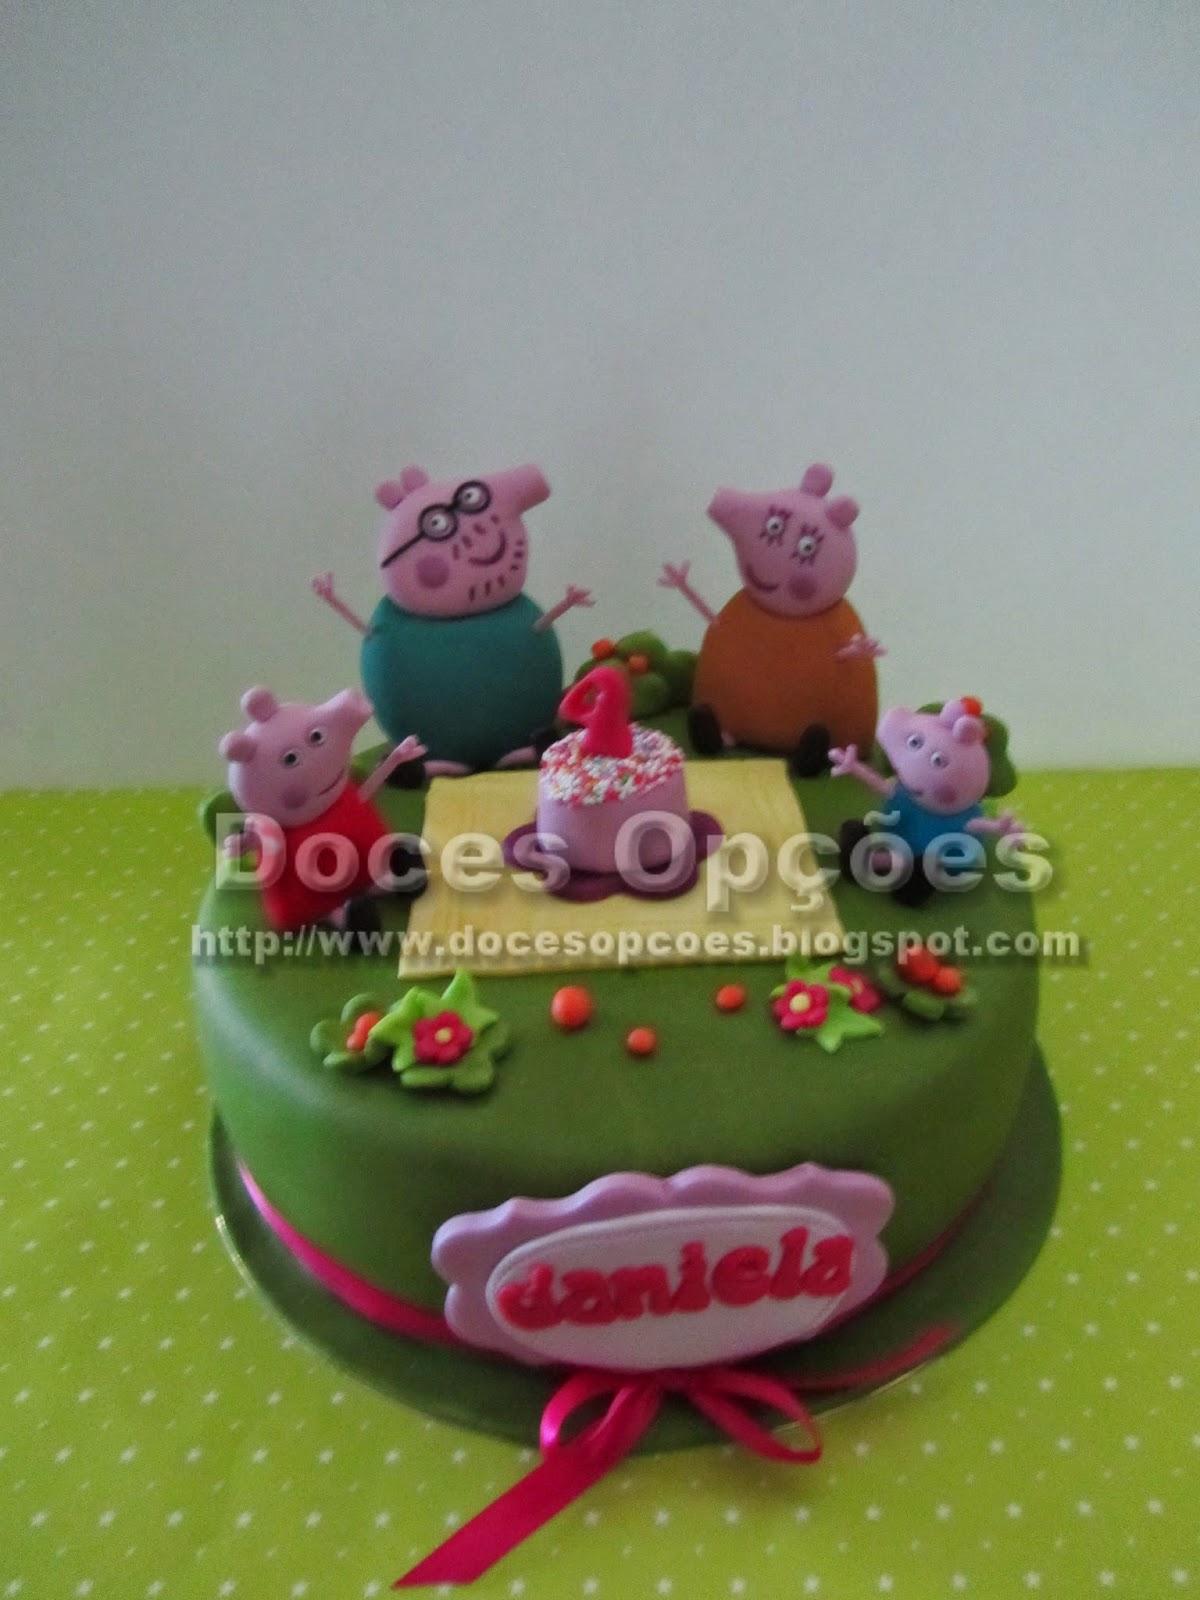 Bolo de aniversário com a família da Porquinha Peppa